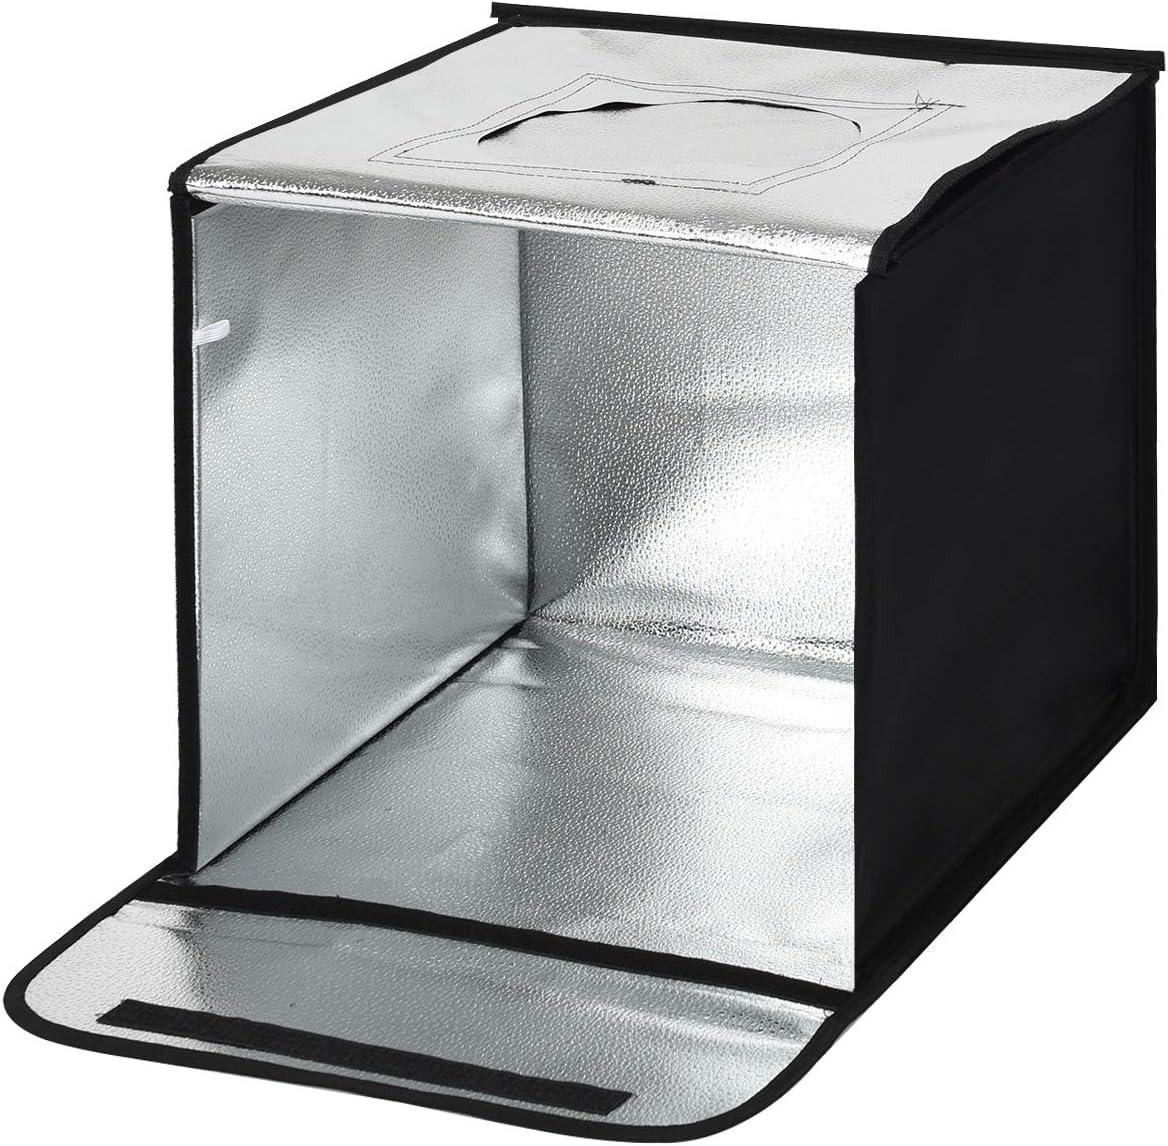 COSTWAY Caja de Luz de Fotografía Estudio Fotográfico Portátil con 5 Fondos y 2 Tiras de LED (40x40x40cm): Amazon.es: Electrónica